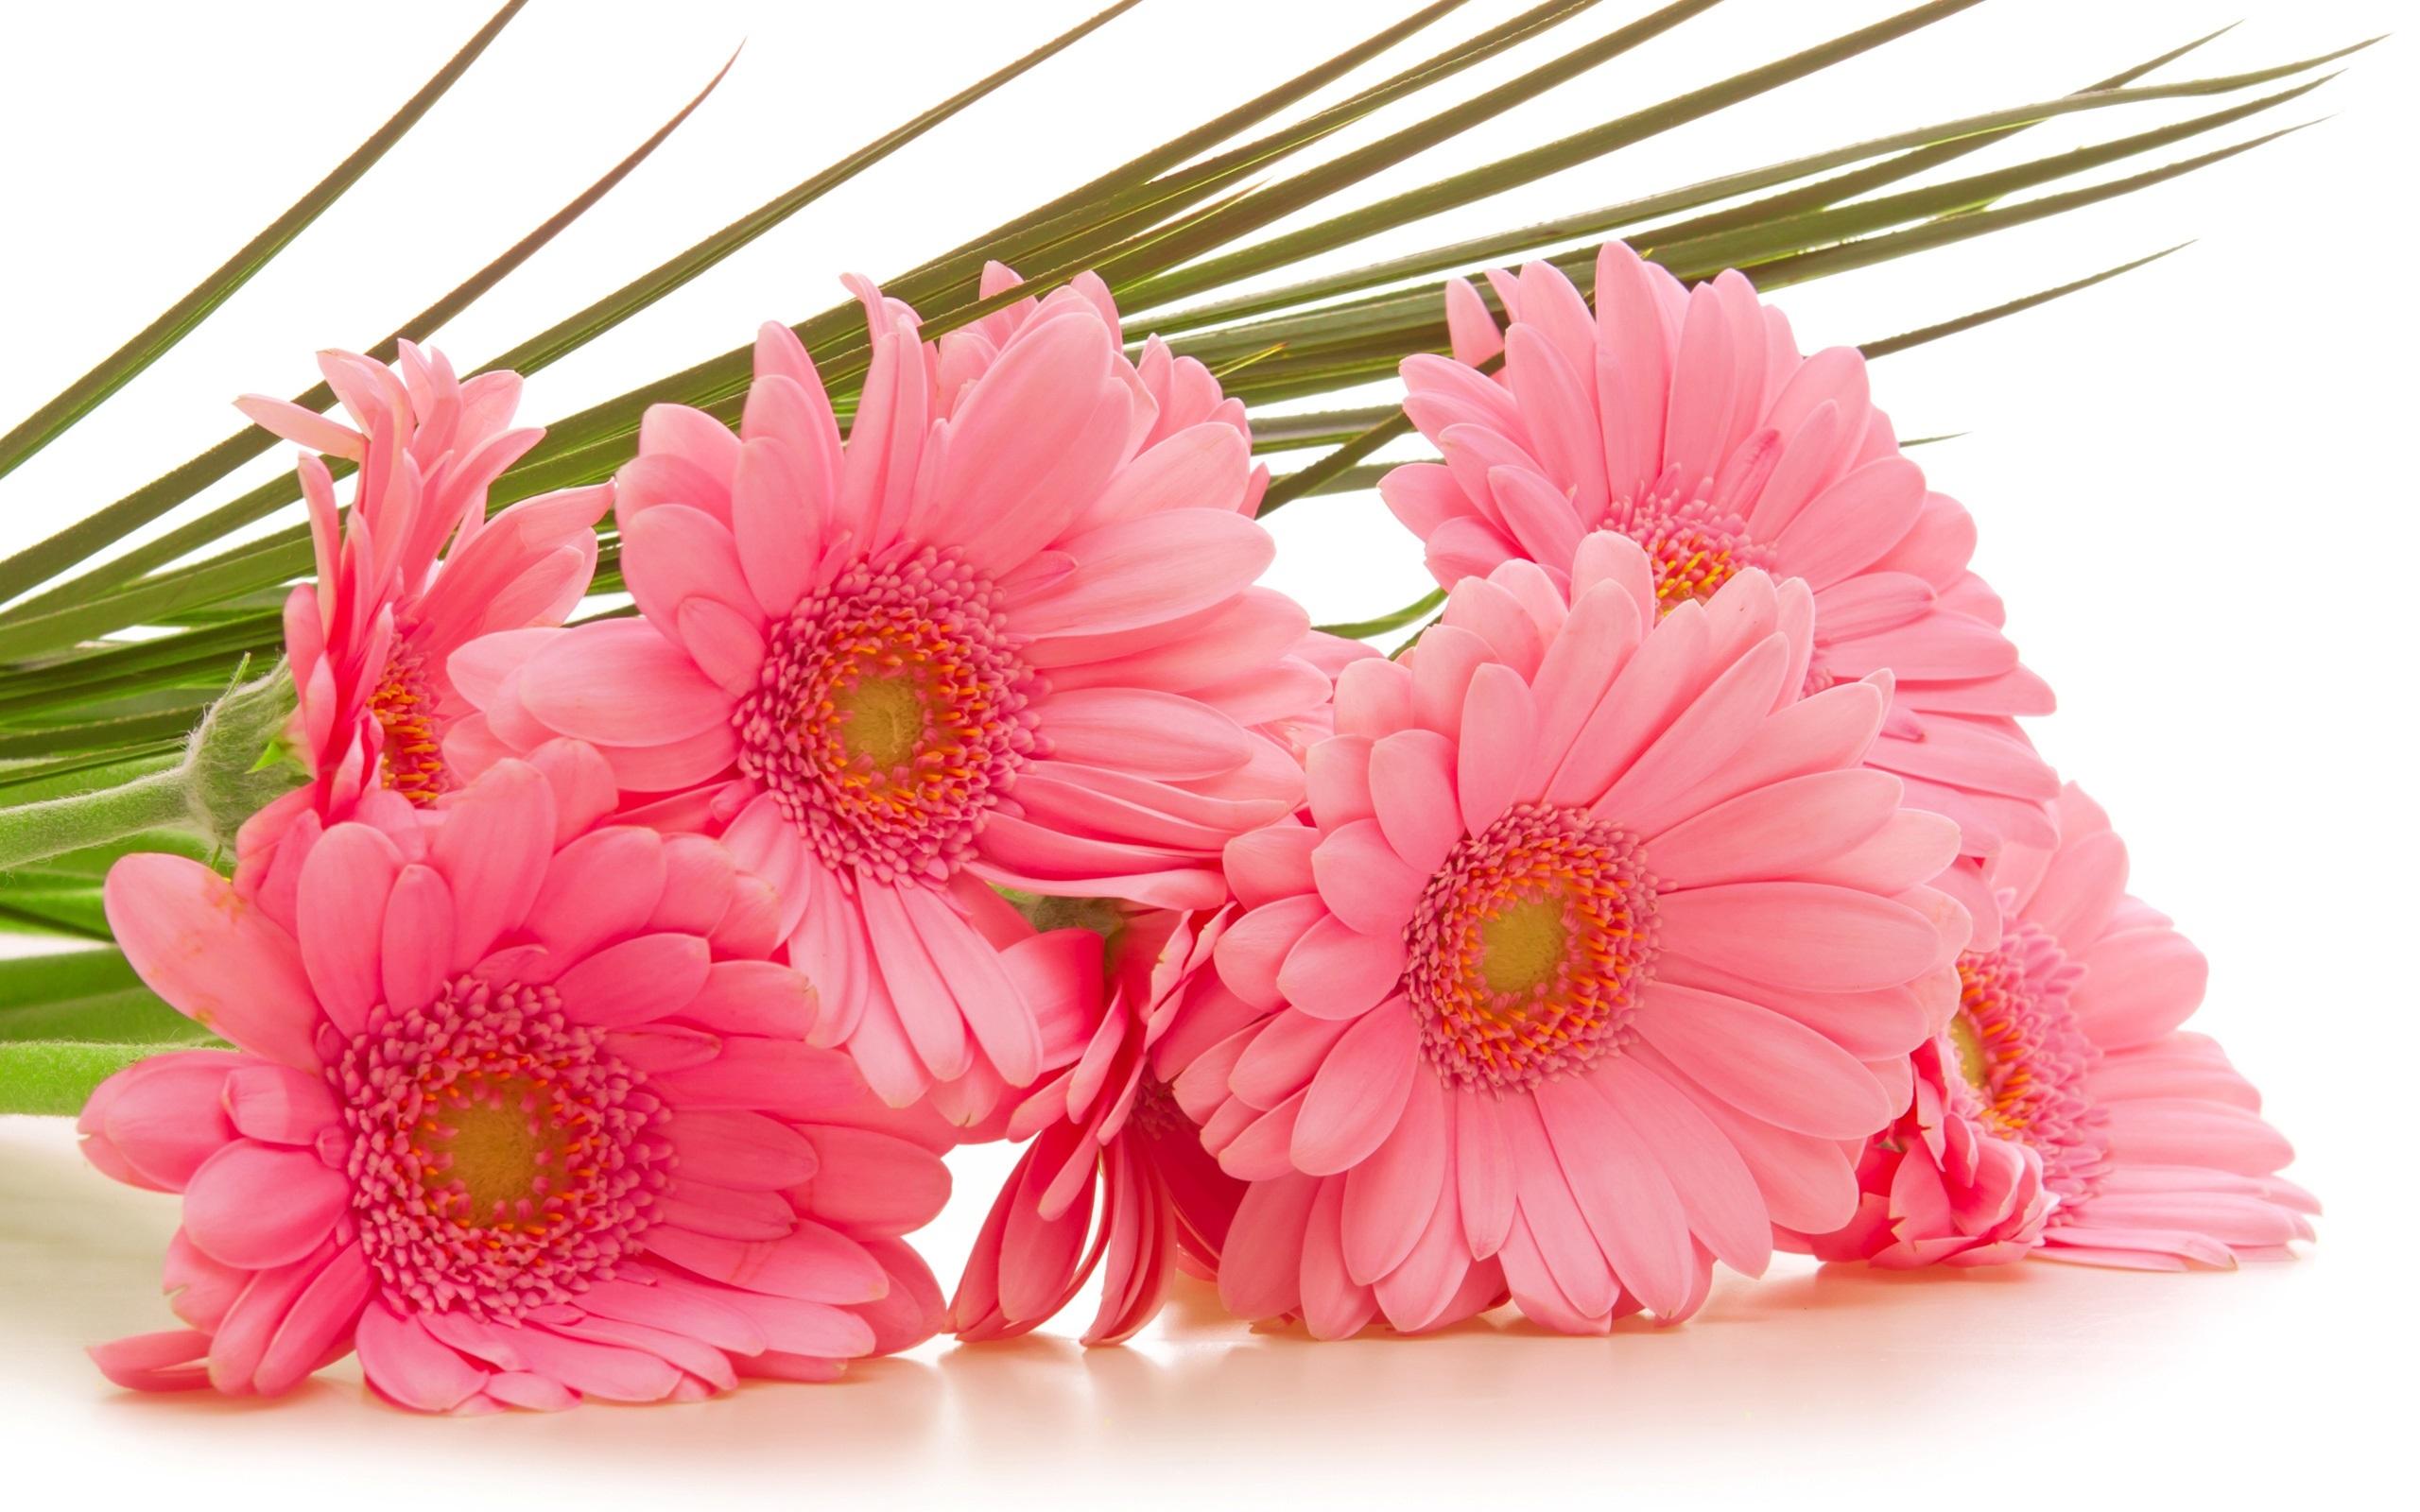 壁紙 ガーベラピンクの花 2560x1600 Hd 無料のデスクトップの背景 画像